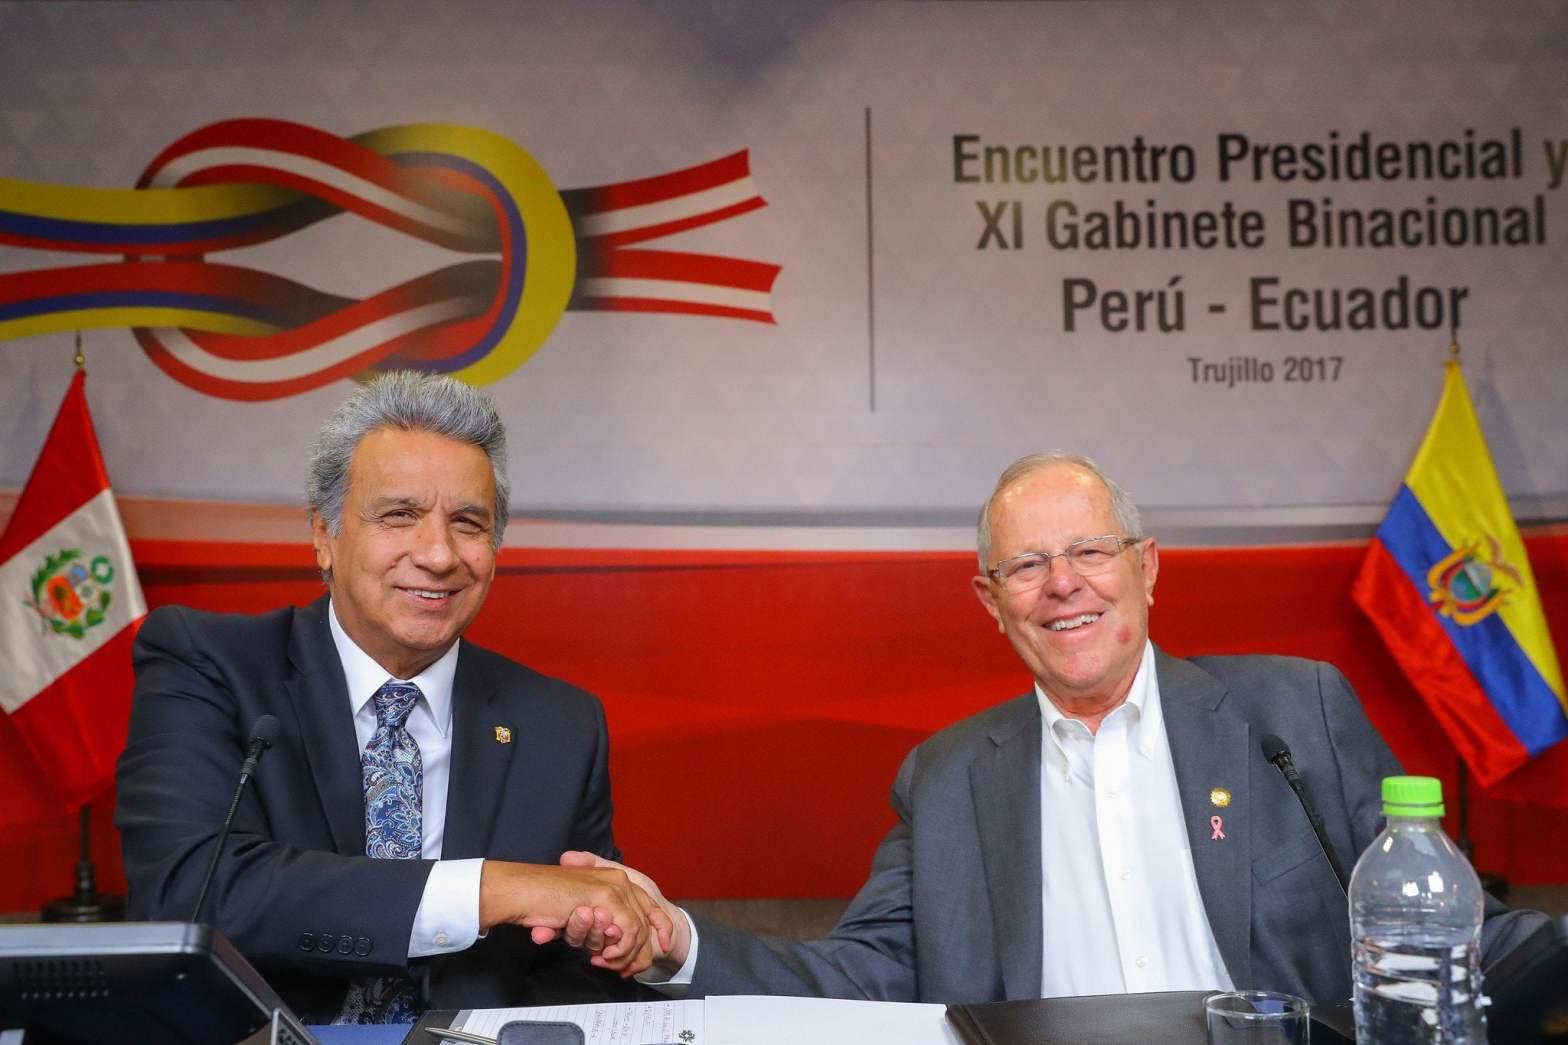 Presidentes Kuczynski y Moreno inauguraron el Binacional Perú-Ecuador